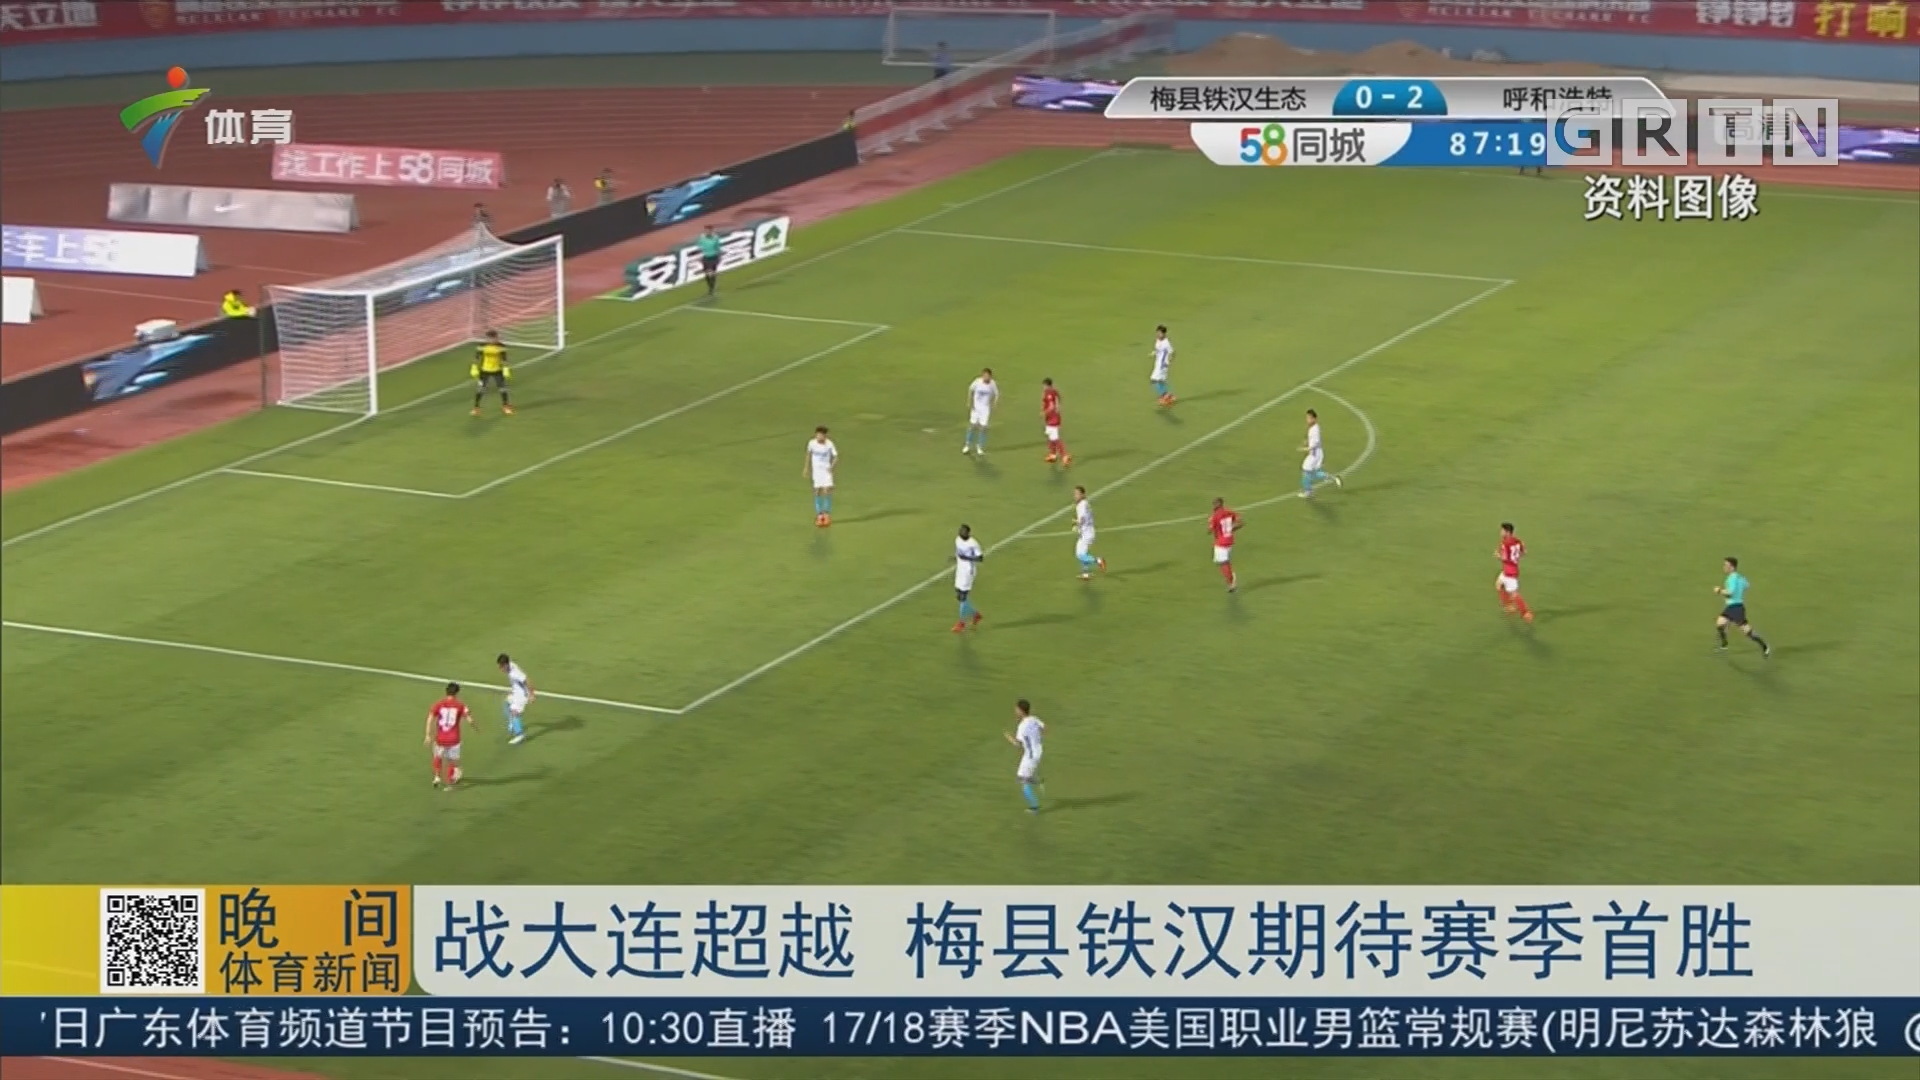 战大连超越 梅县铁汉期待赛季首胜